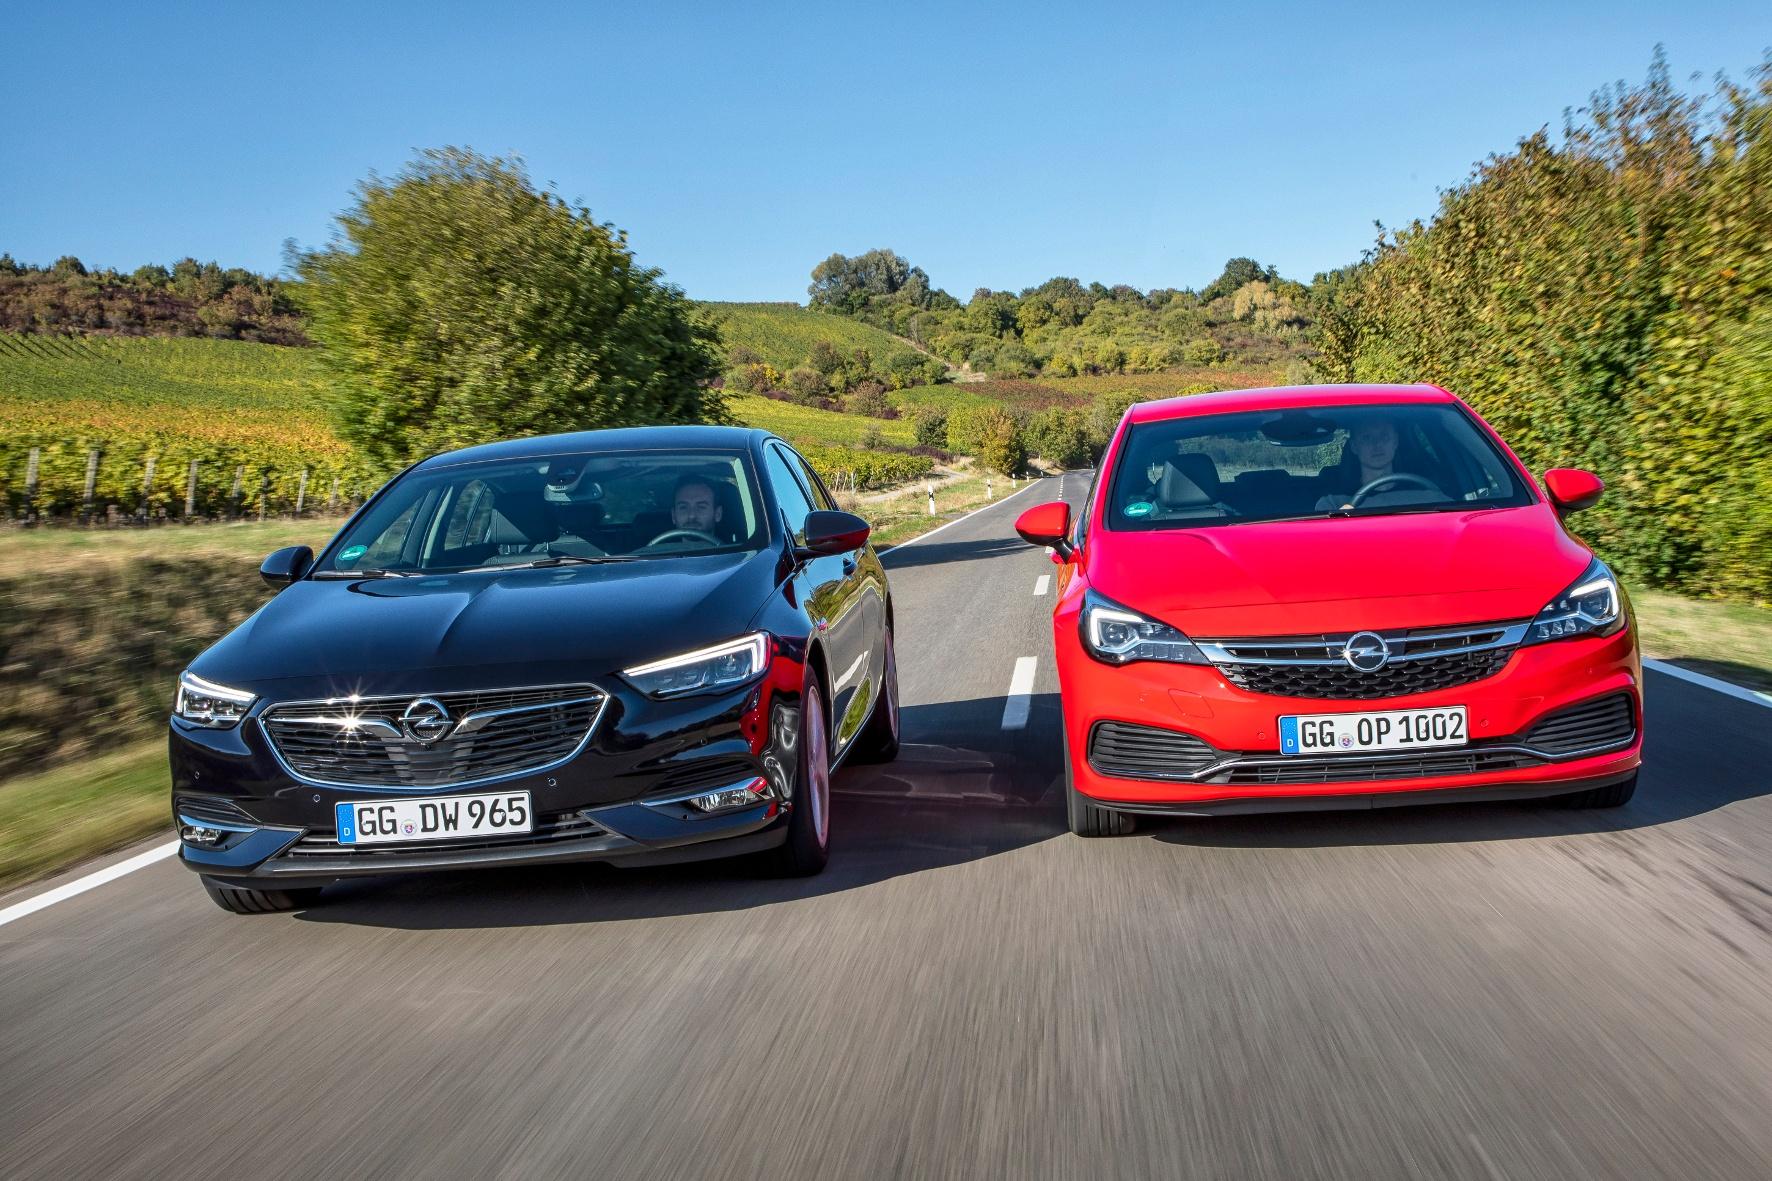 Zwei Opel-Modelle aus GM-Zeiten nun mit neuen Aggregaten